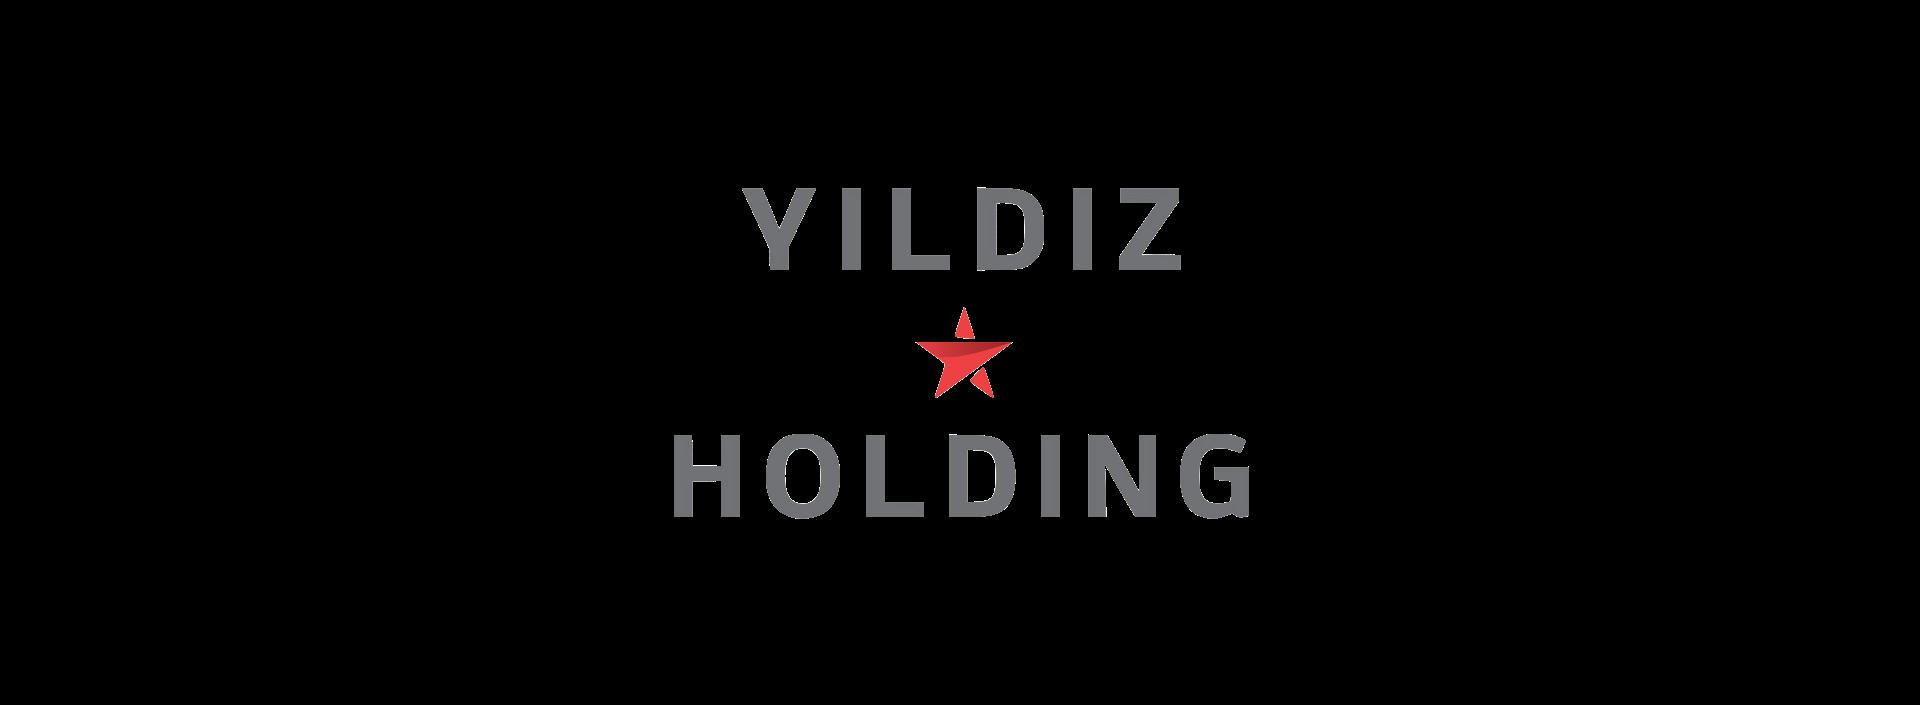 YILDIZ HOLDİNG